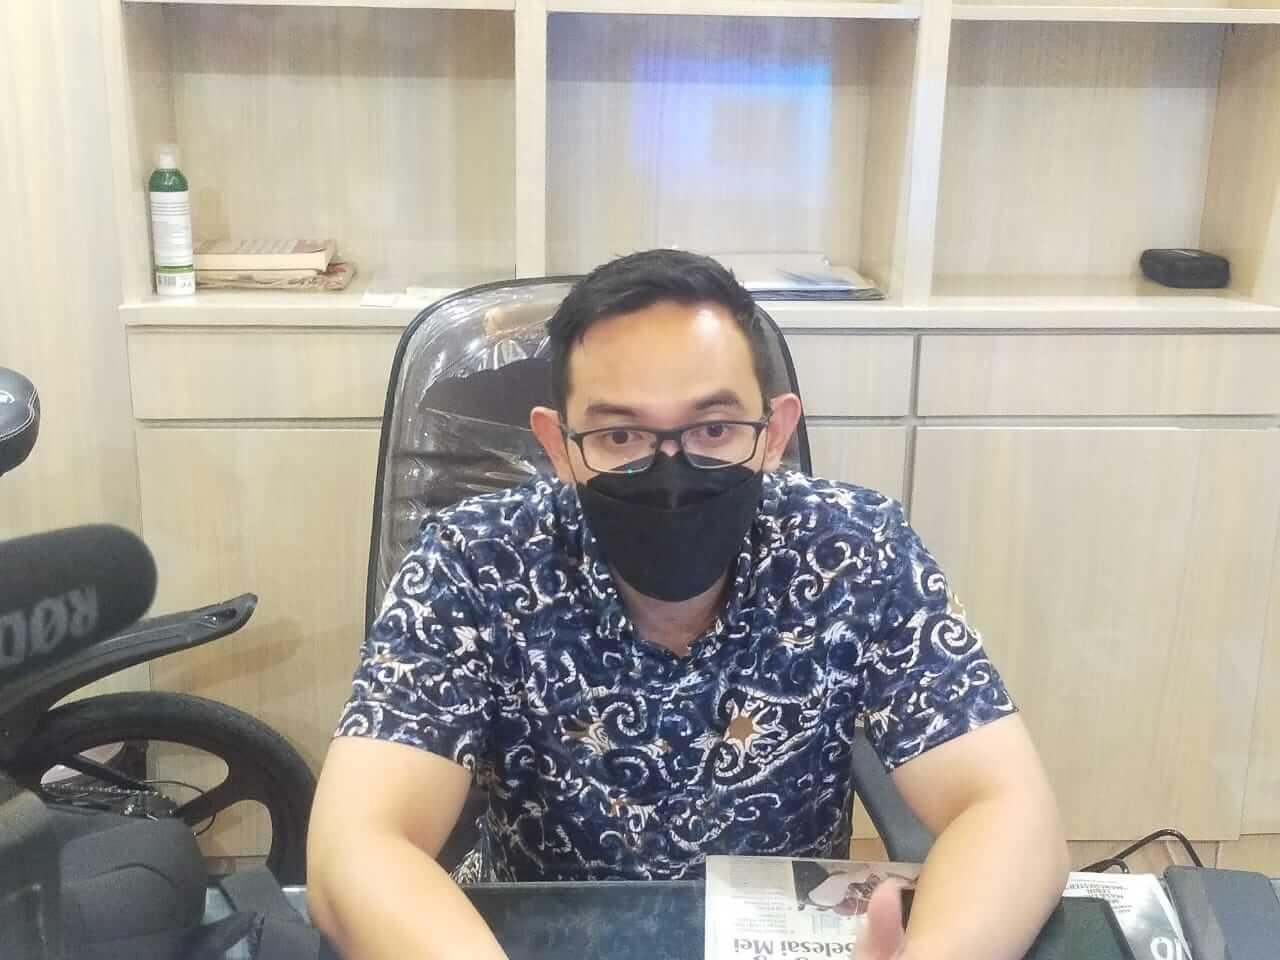 Kepala Bagian Hubungan Masyarakat (Humas), Pemerintah Kota (Pemkot) Surabaya Febriadhitya Prajatara. (Foto: Pemkot Surabaya) rekrutmen pekerjaan ktp surabaya hoaks tugu jatim